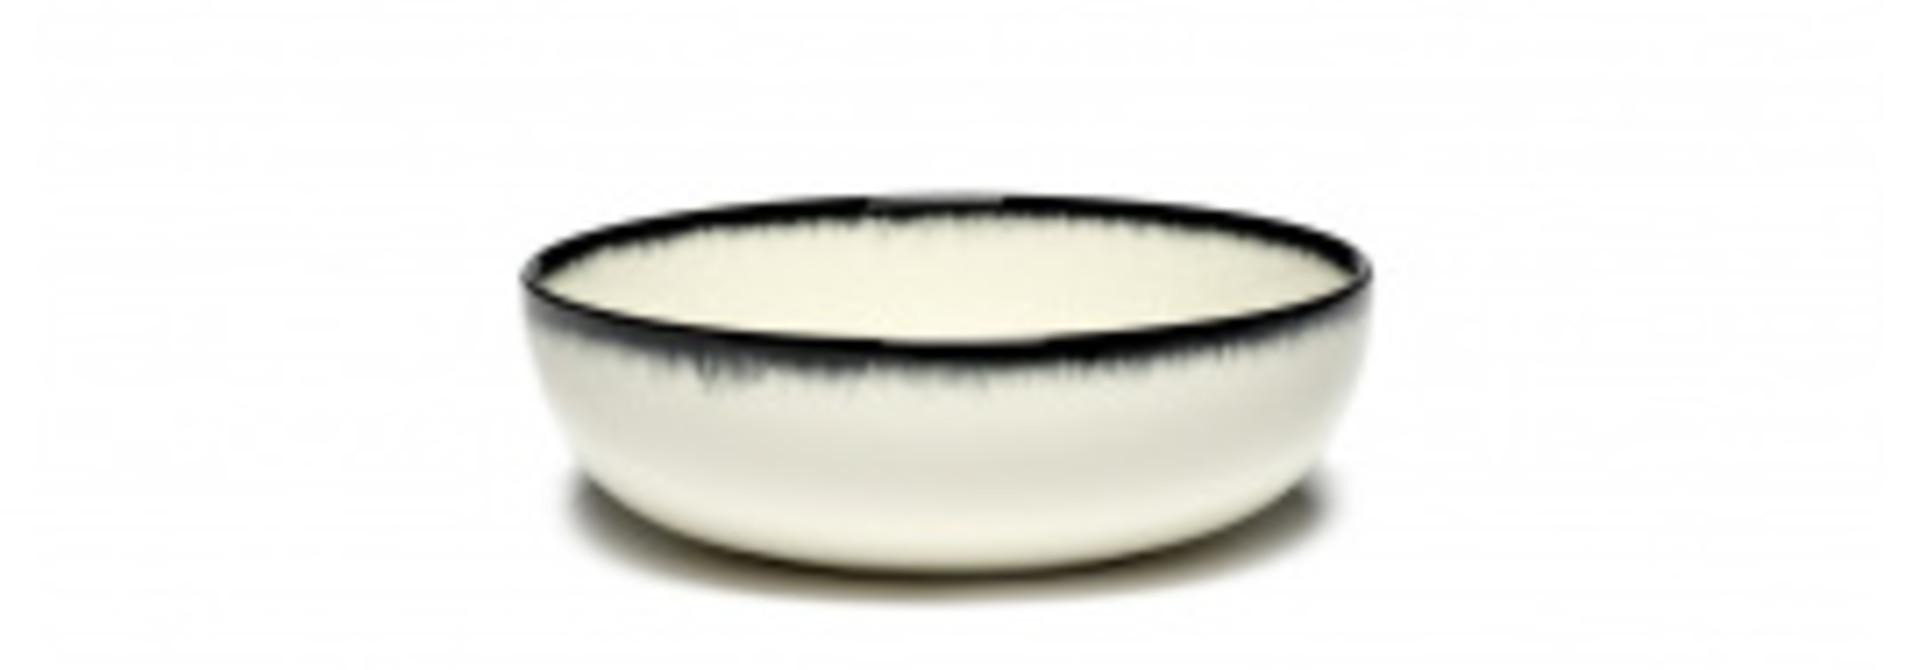 Side Bowl - Off wh. w/blk - B4019332-Var A